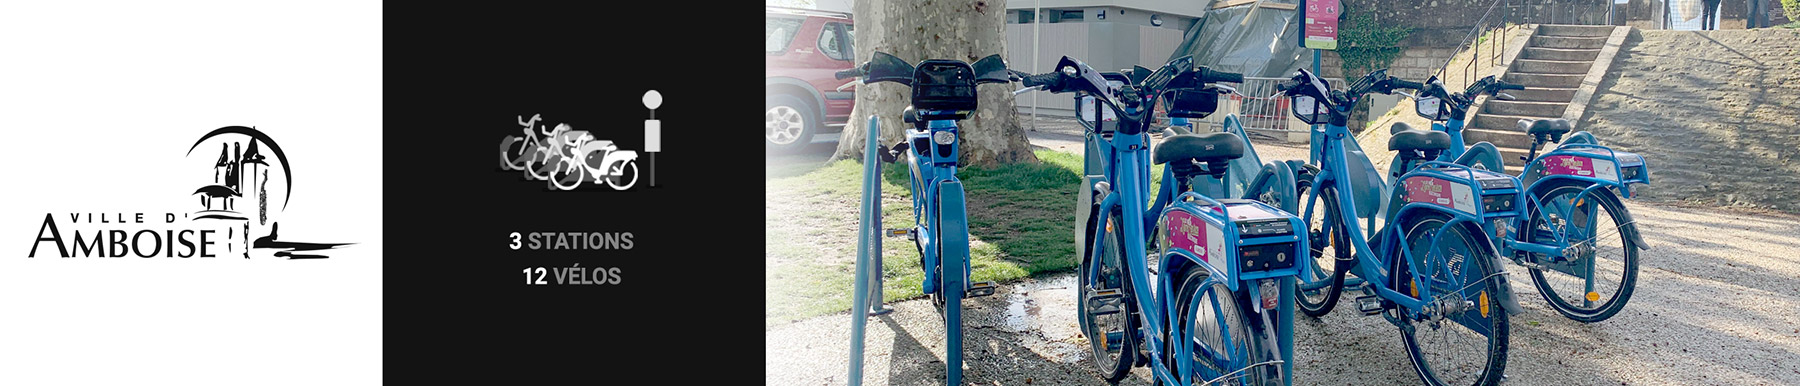 Vélos-en-libre-service